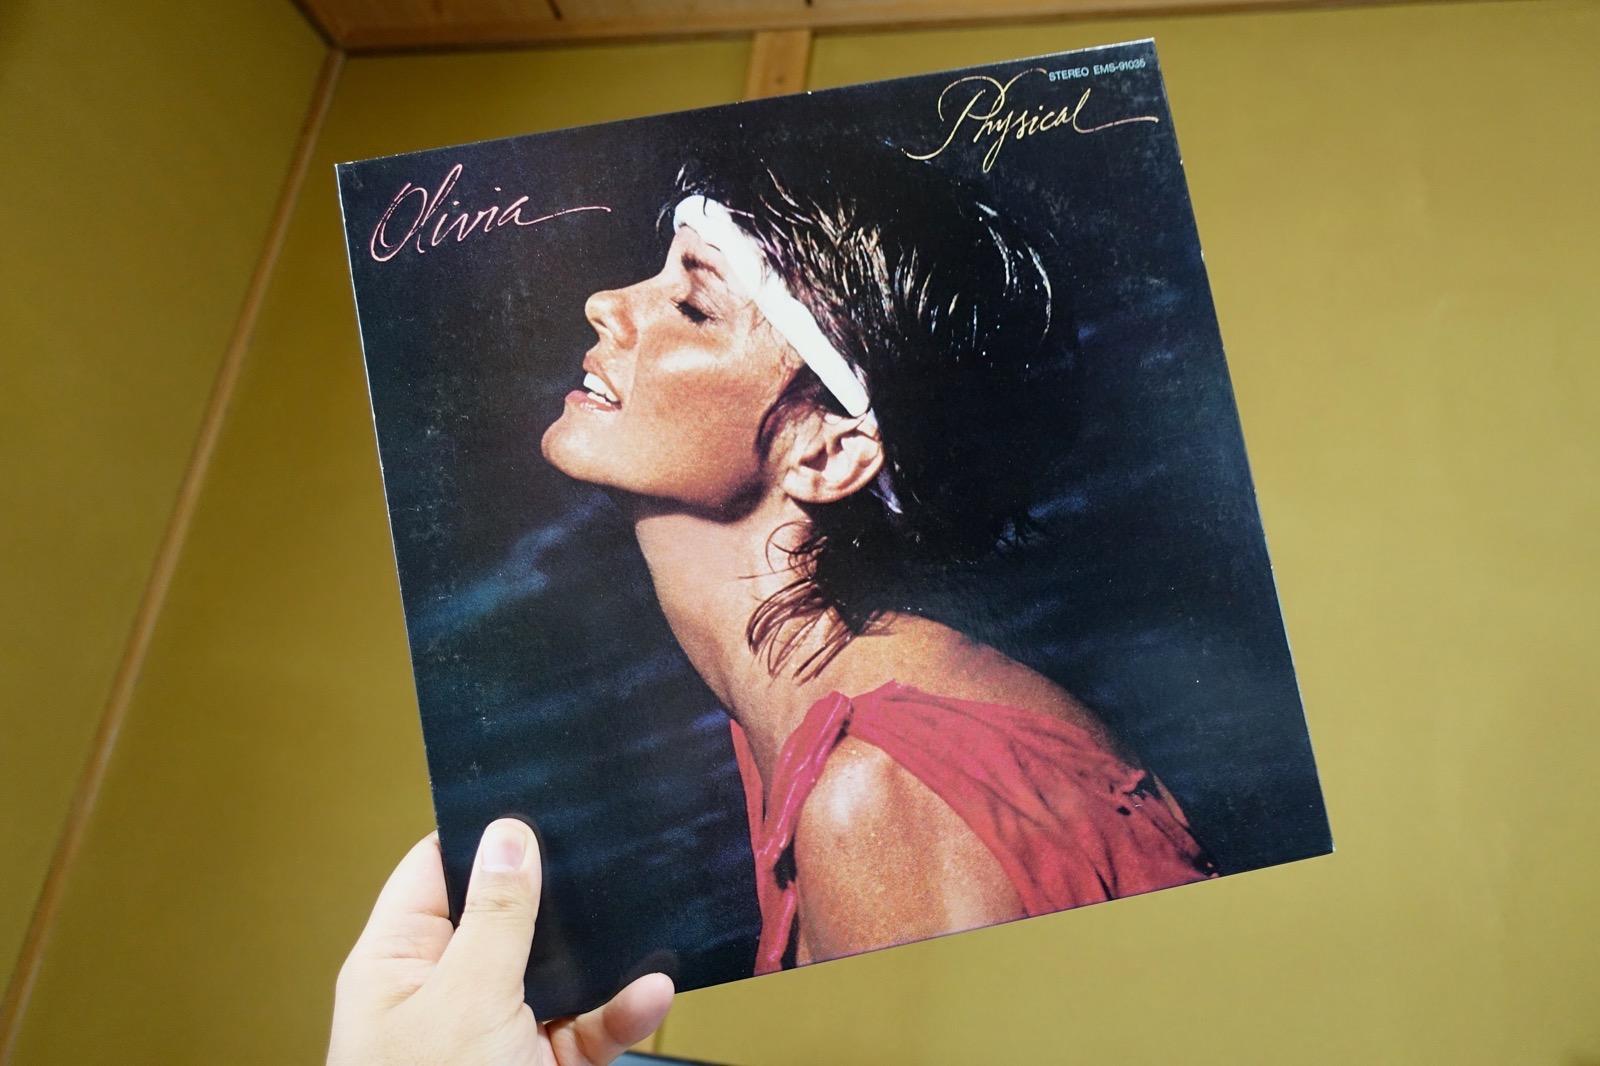 オリビア・ニュートン・ジョンのレコード